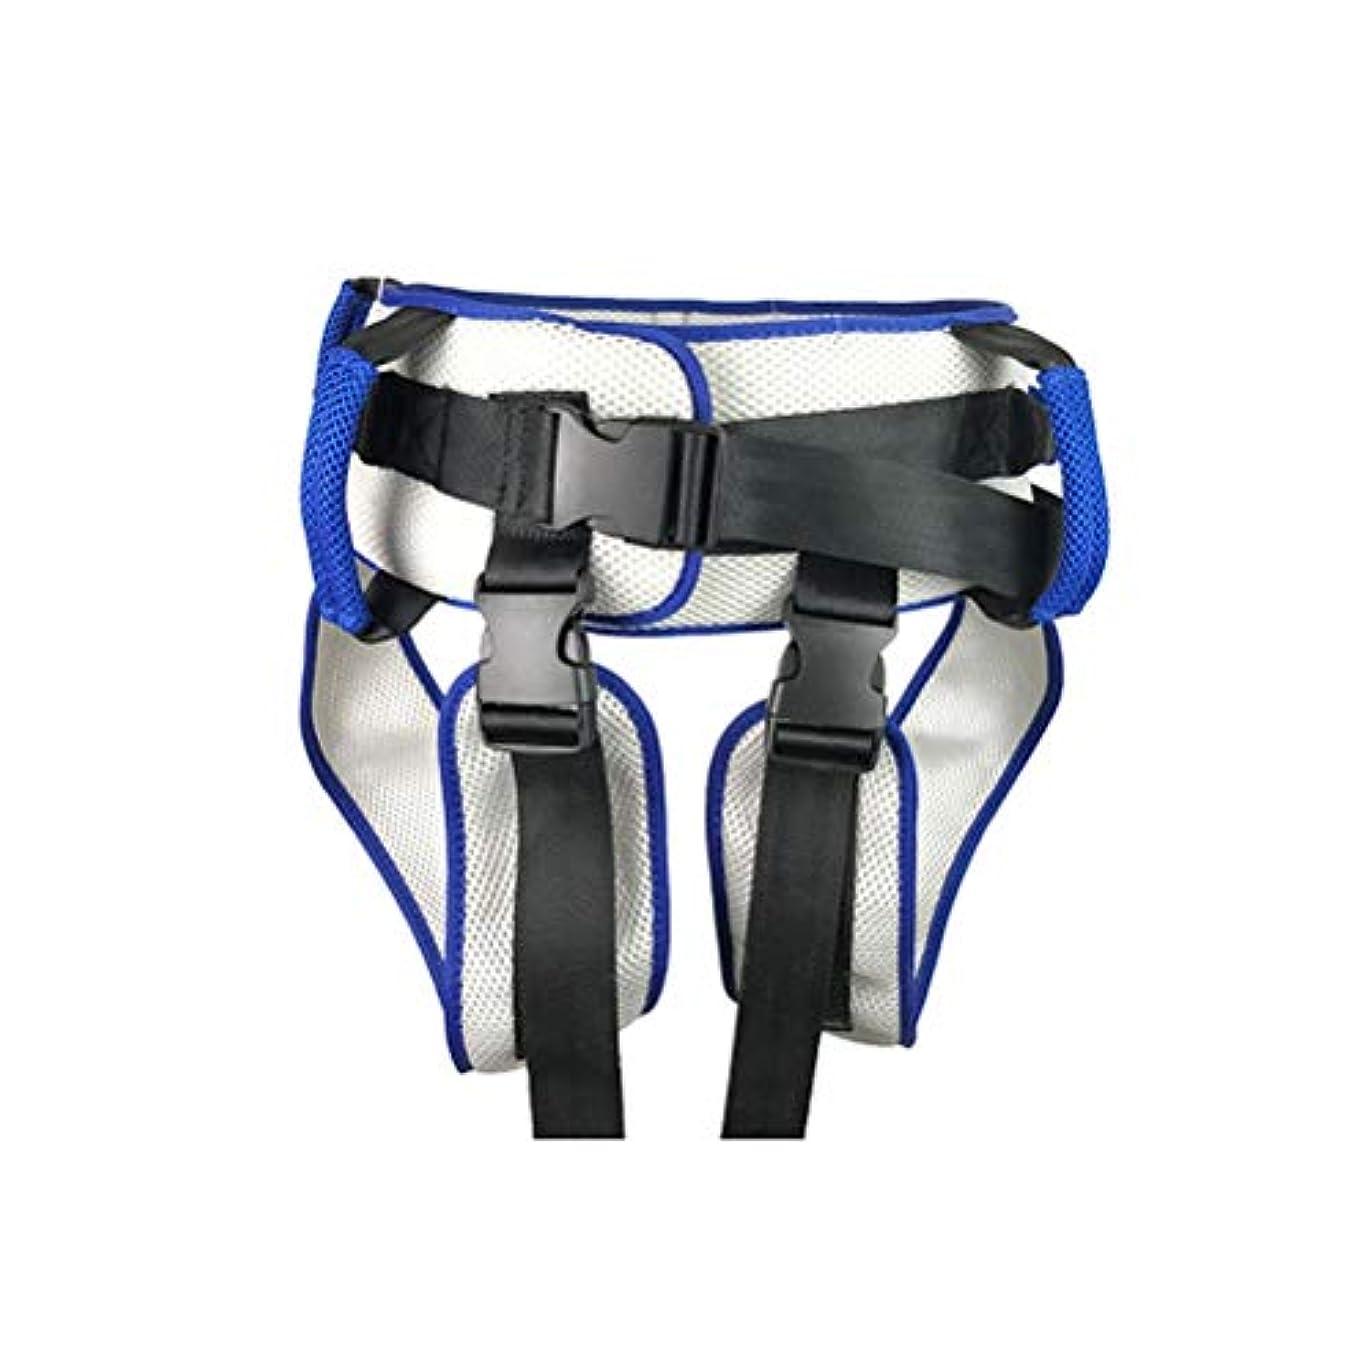 本気血統朝食を食べるHEALLILY 足のループ付きHEALLILYトランスファーベルト患者補助トランスファースリングリハビリテーションベルト下肢歩行立ちトレーニング用具(青)